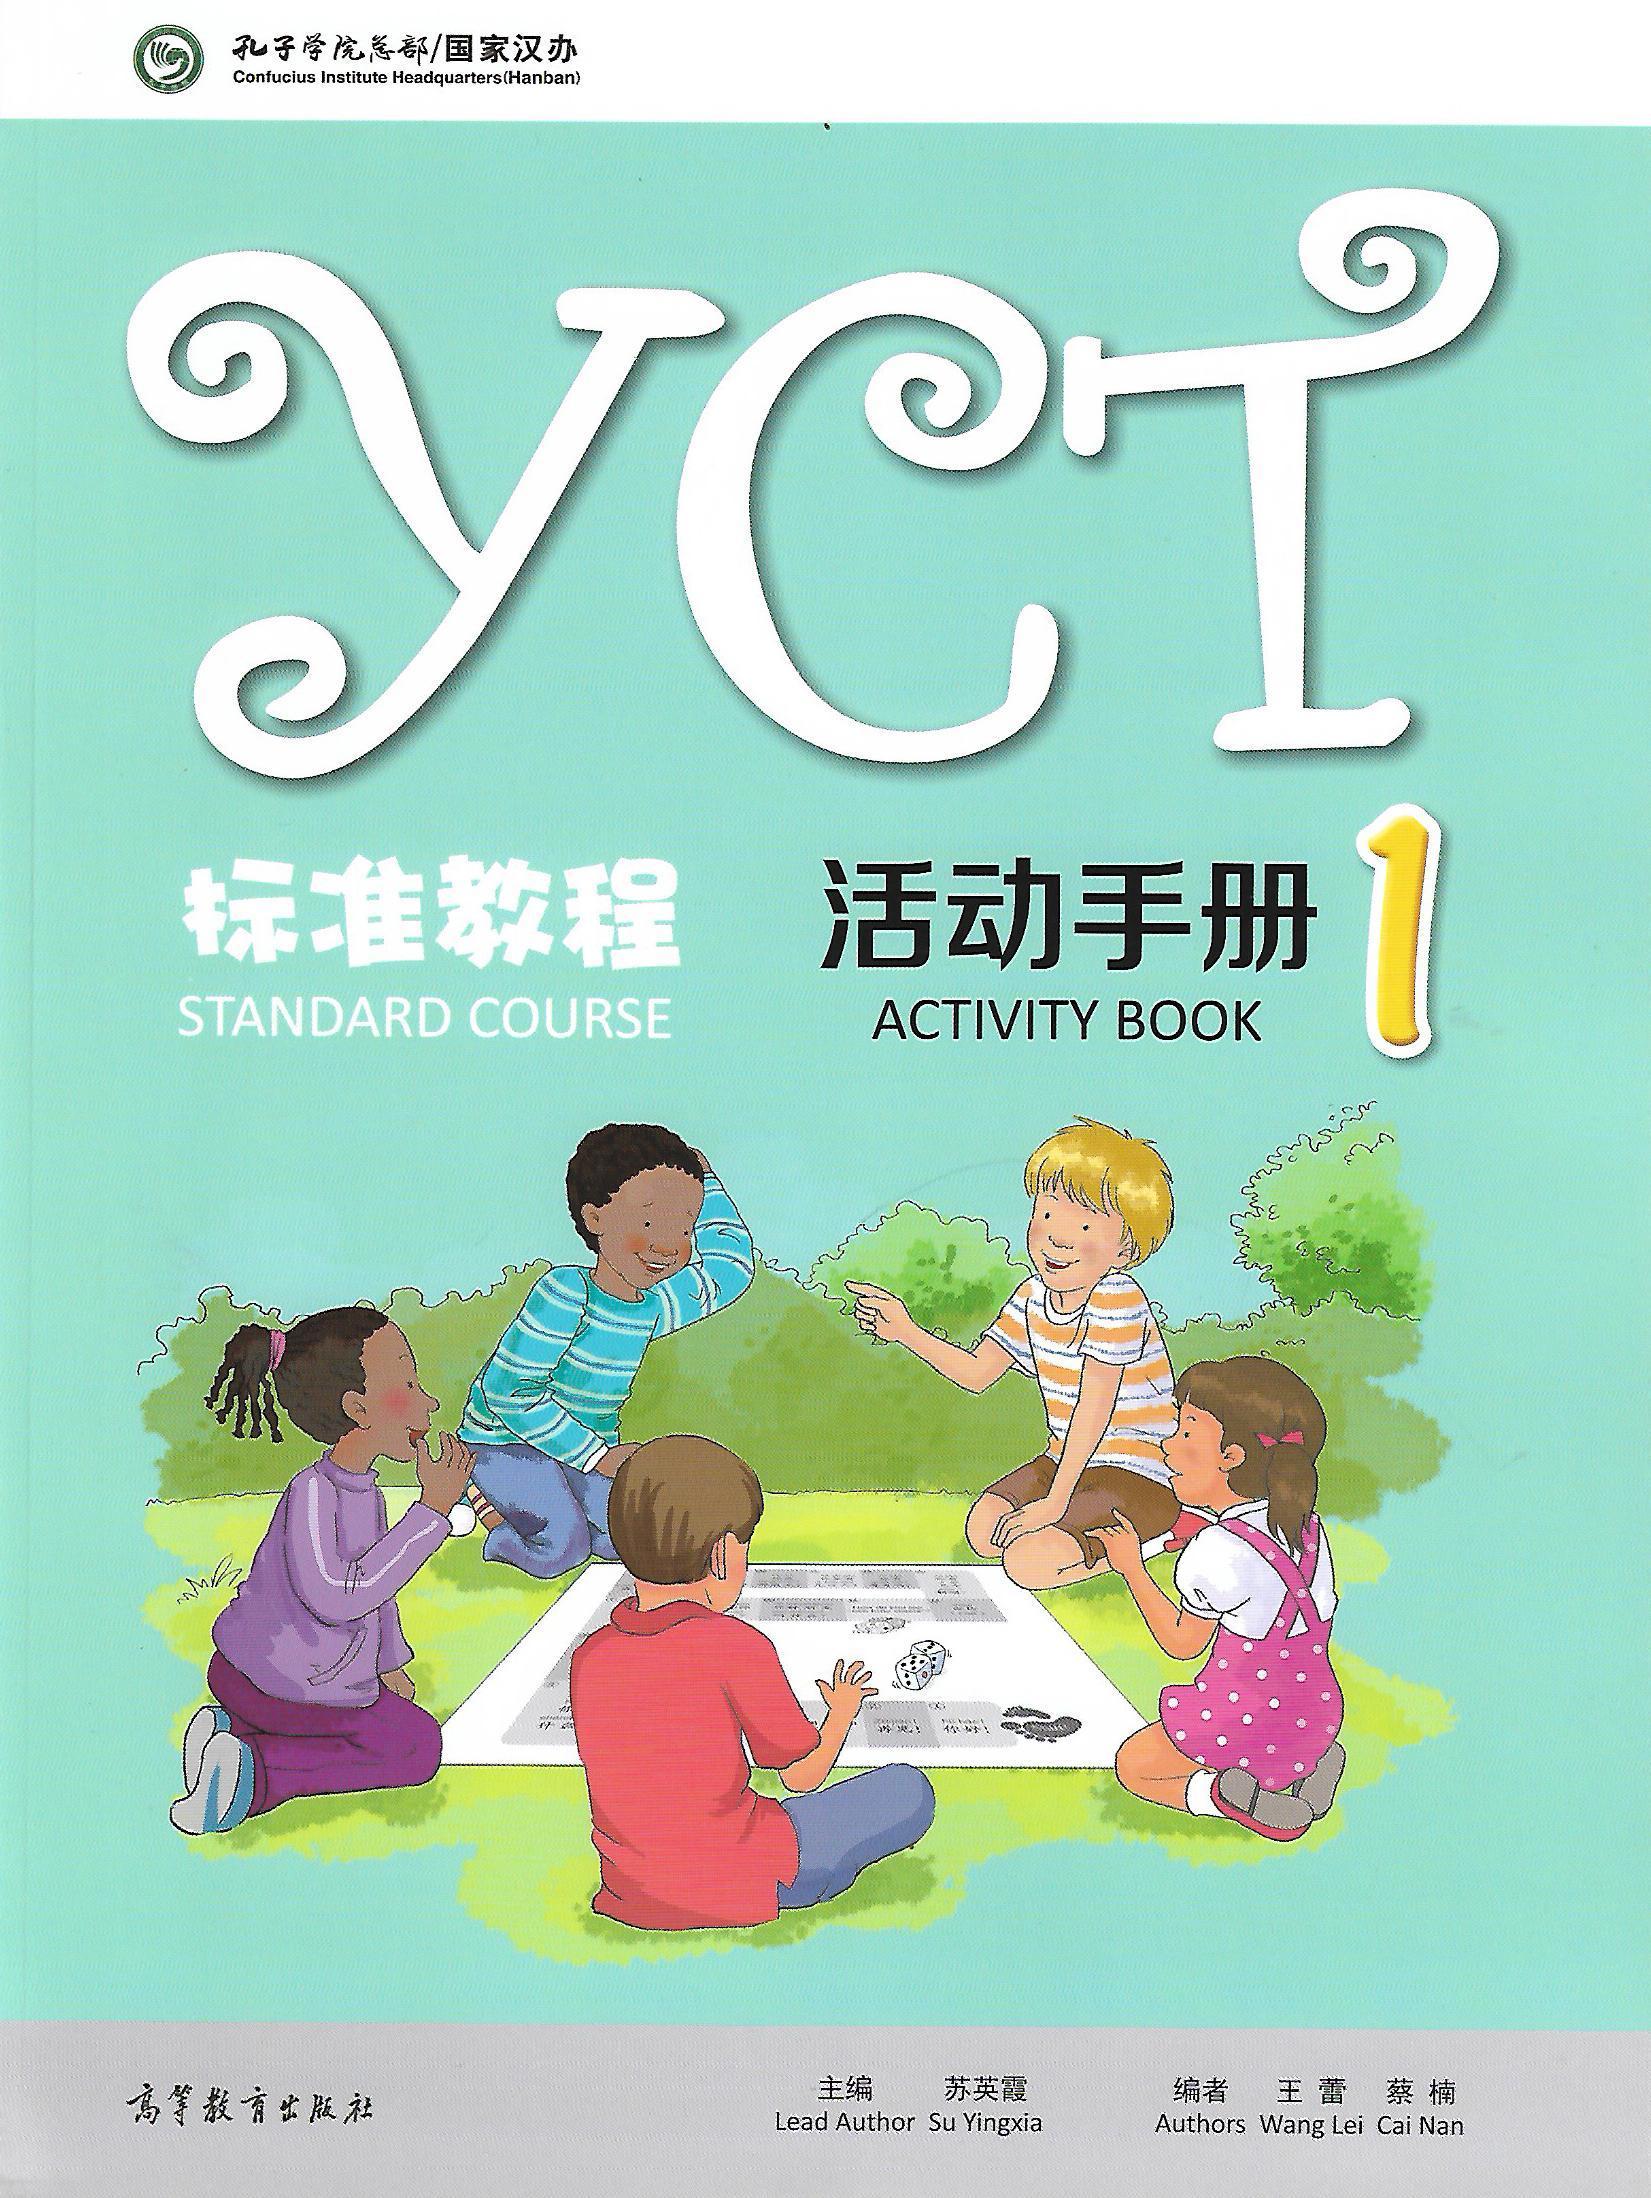 yctwb1.jpg